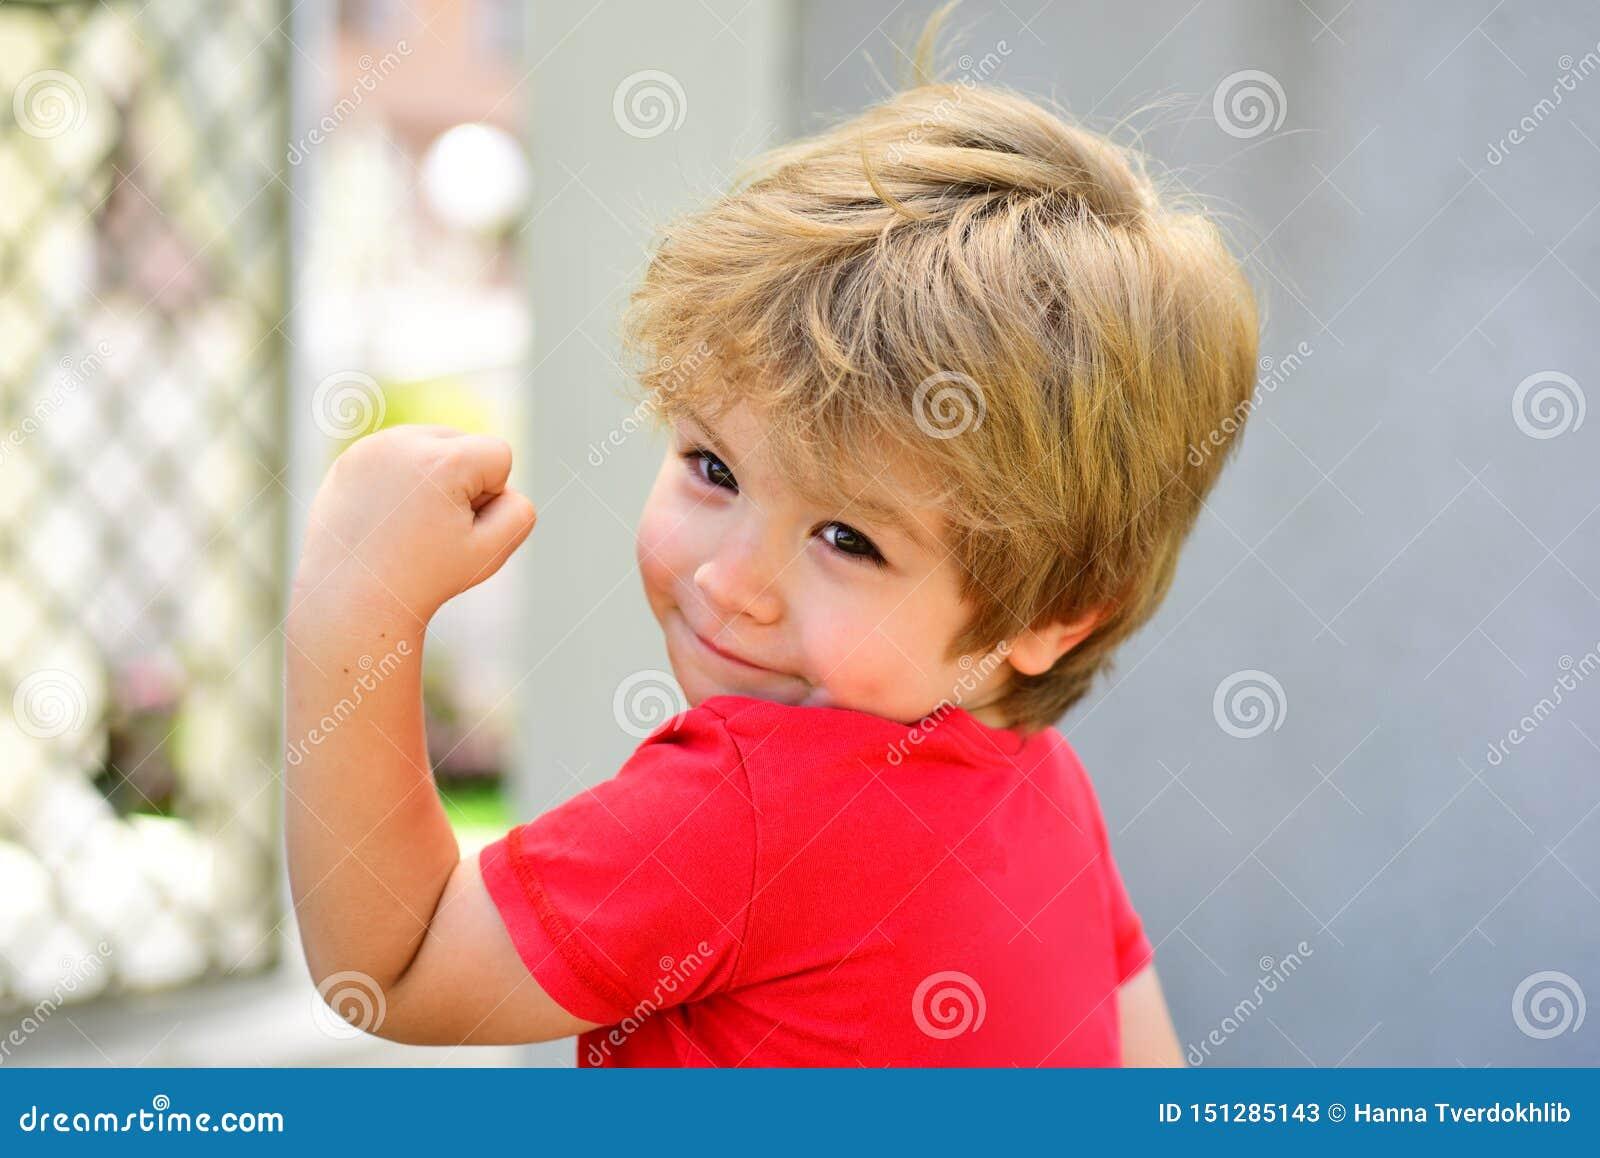 Sporten voor kinderen De sterke knappe jongen toont zijn spieren Peuter na opleidingstraining Gezonde Levensstijl weinig